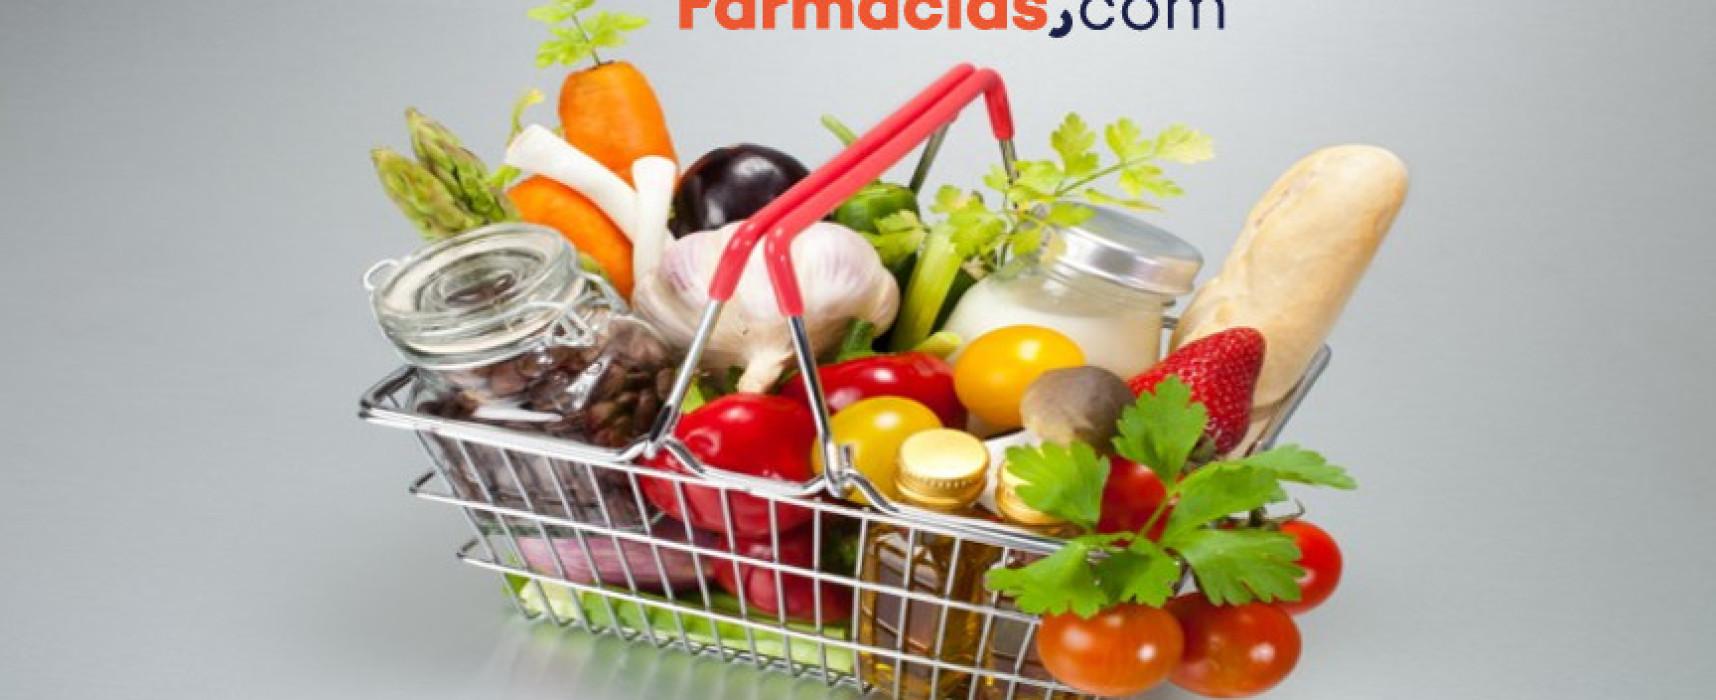 Prevenir el cáncer con la alimentación es posible